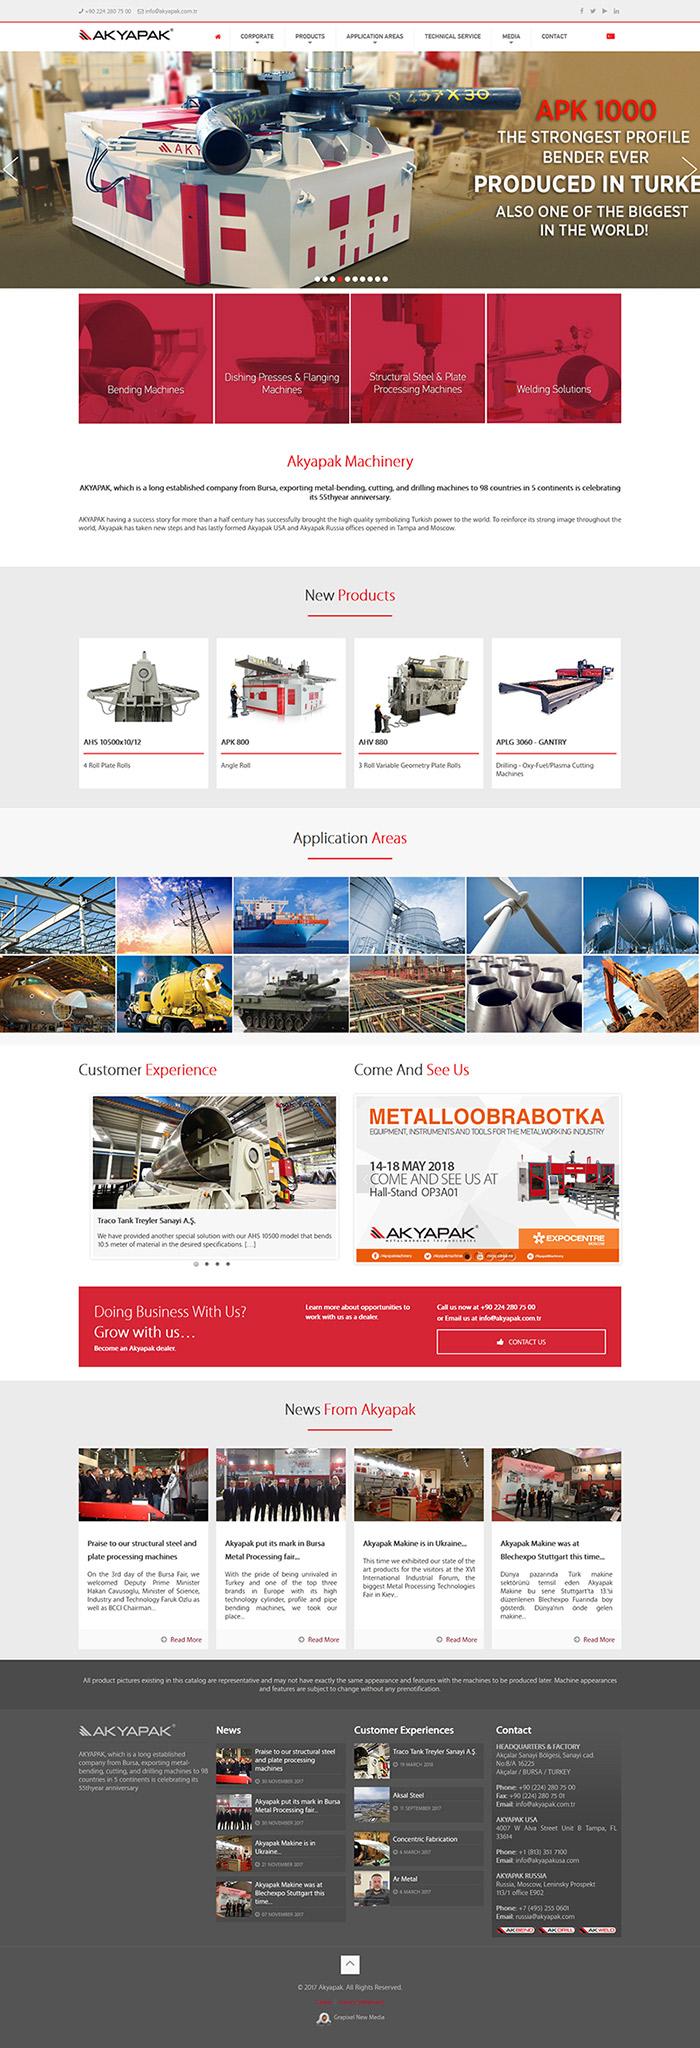 www.akyapak.com.tr/default_e.asp